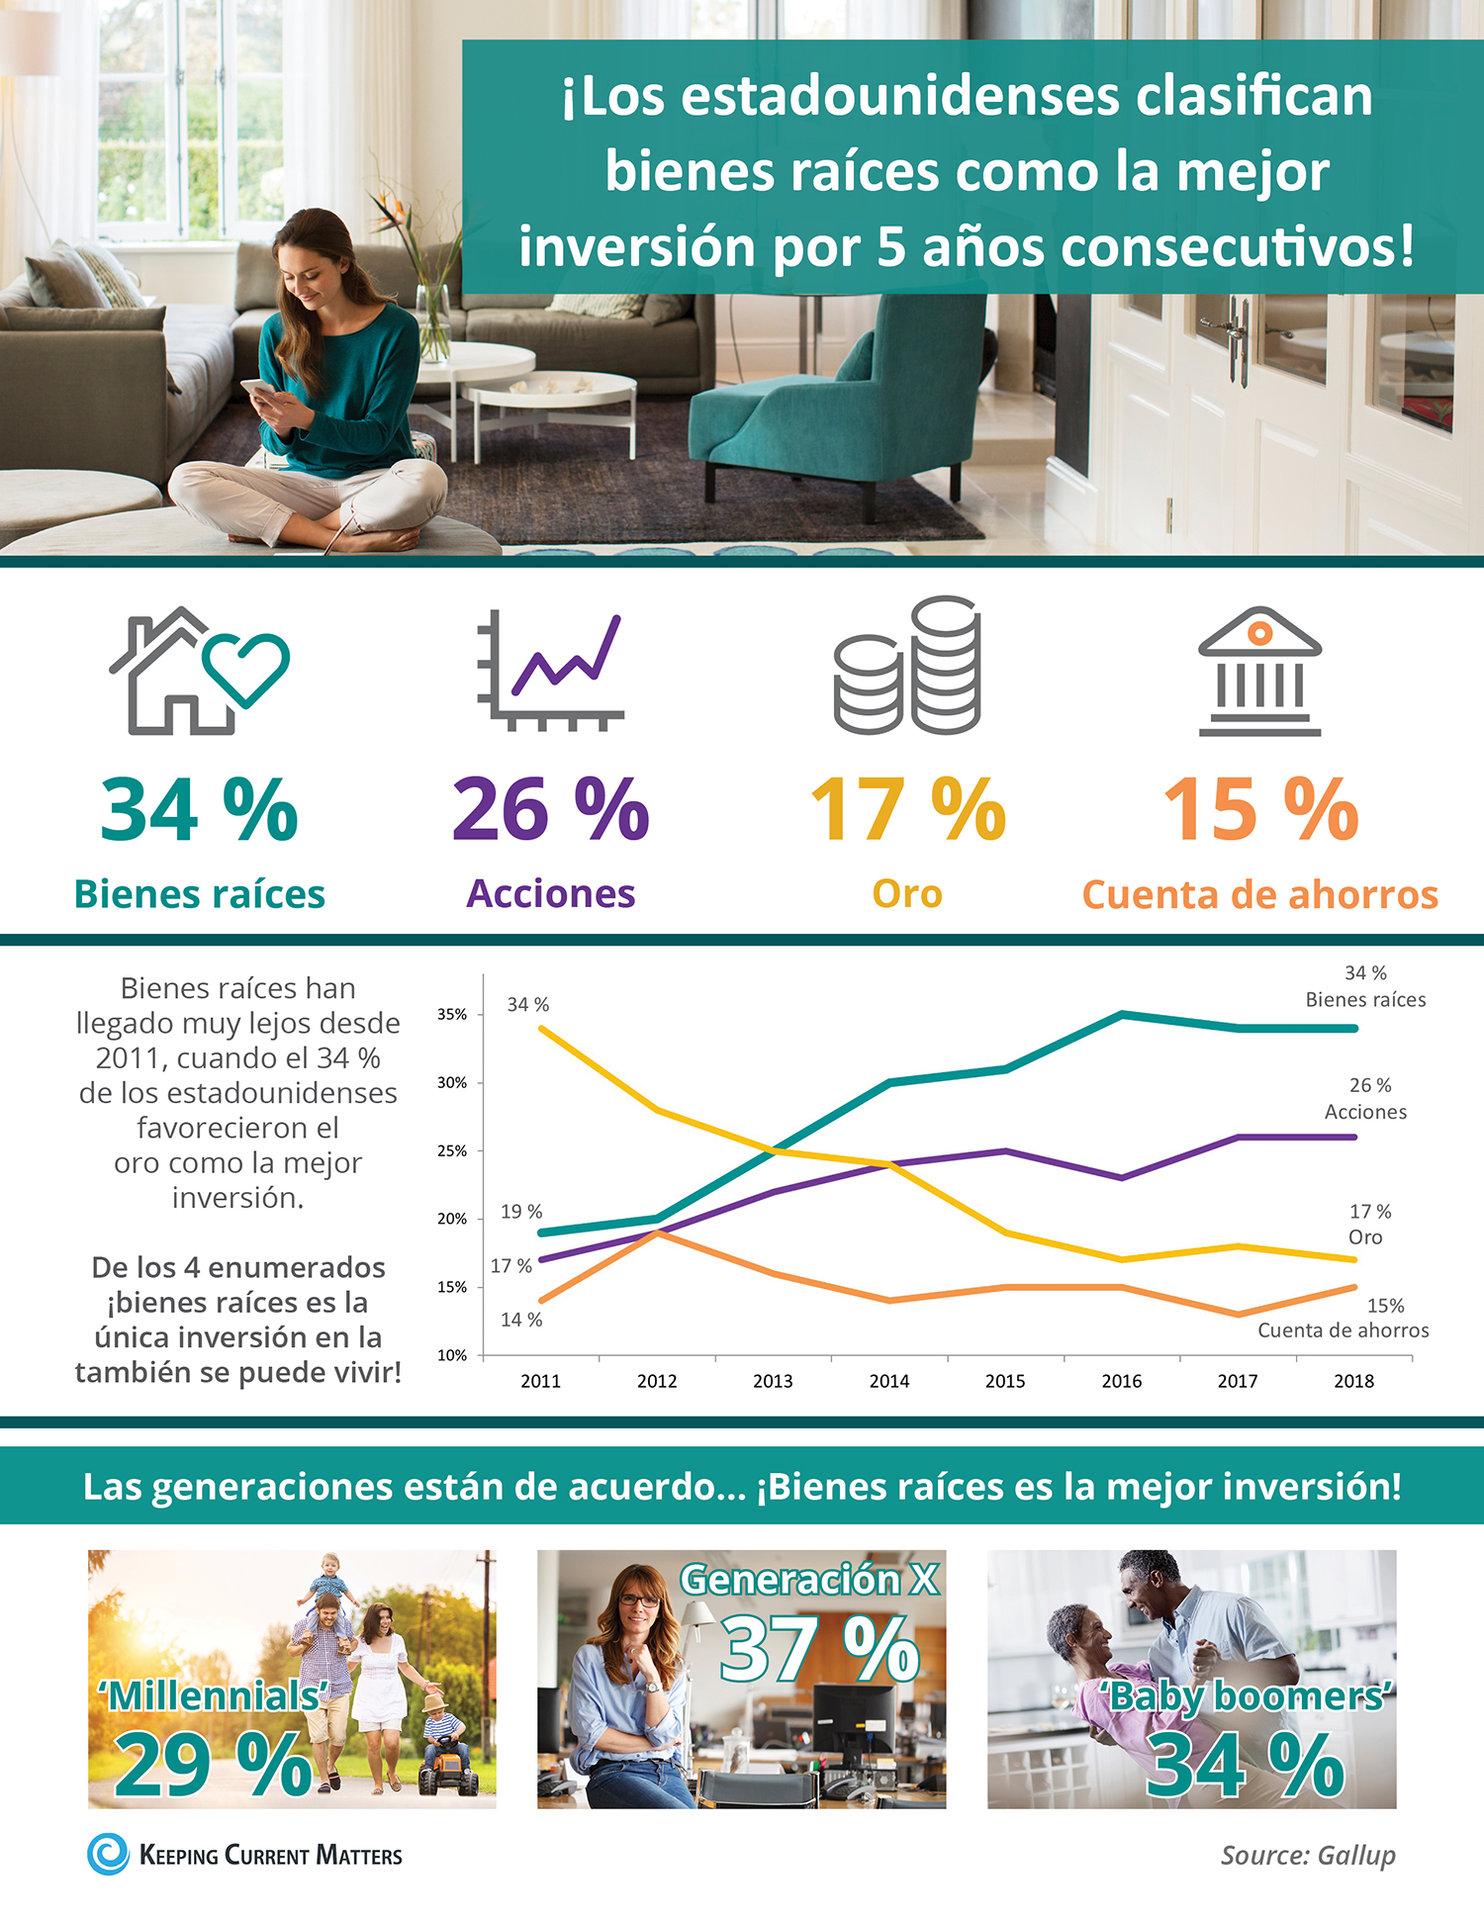 ¡Los estadounidenses clasifican bienes raíces como la mejor inversión por 5 años consecutivos! [Infografía] | Keeping Current Matters